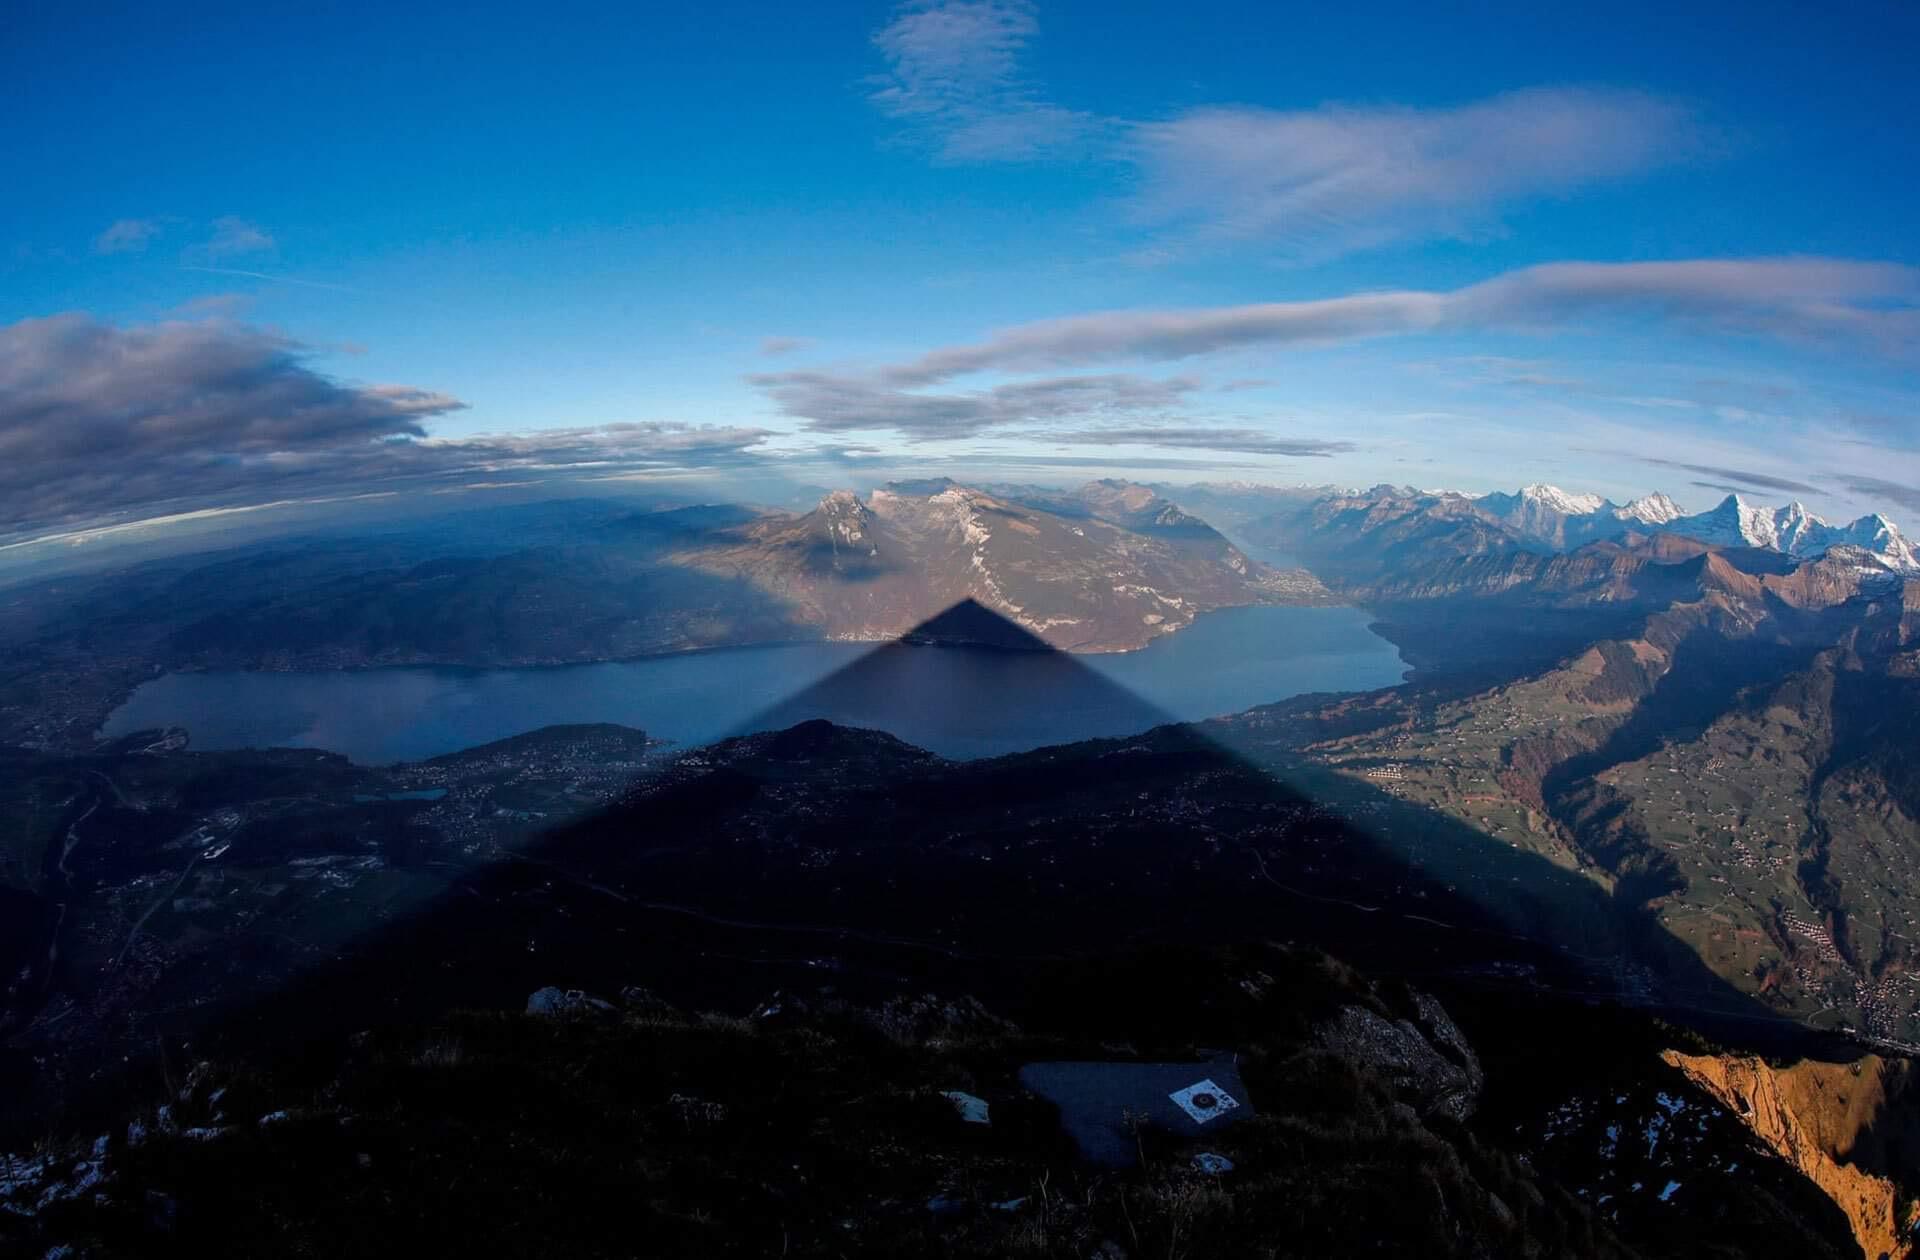 Тень горы Низен накрывает город Шпиц. Источник иллюстрации: Твиттер Клаудио Пекки